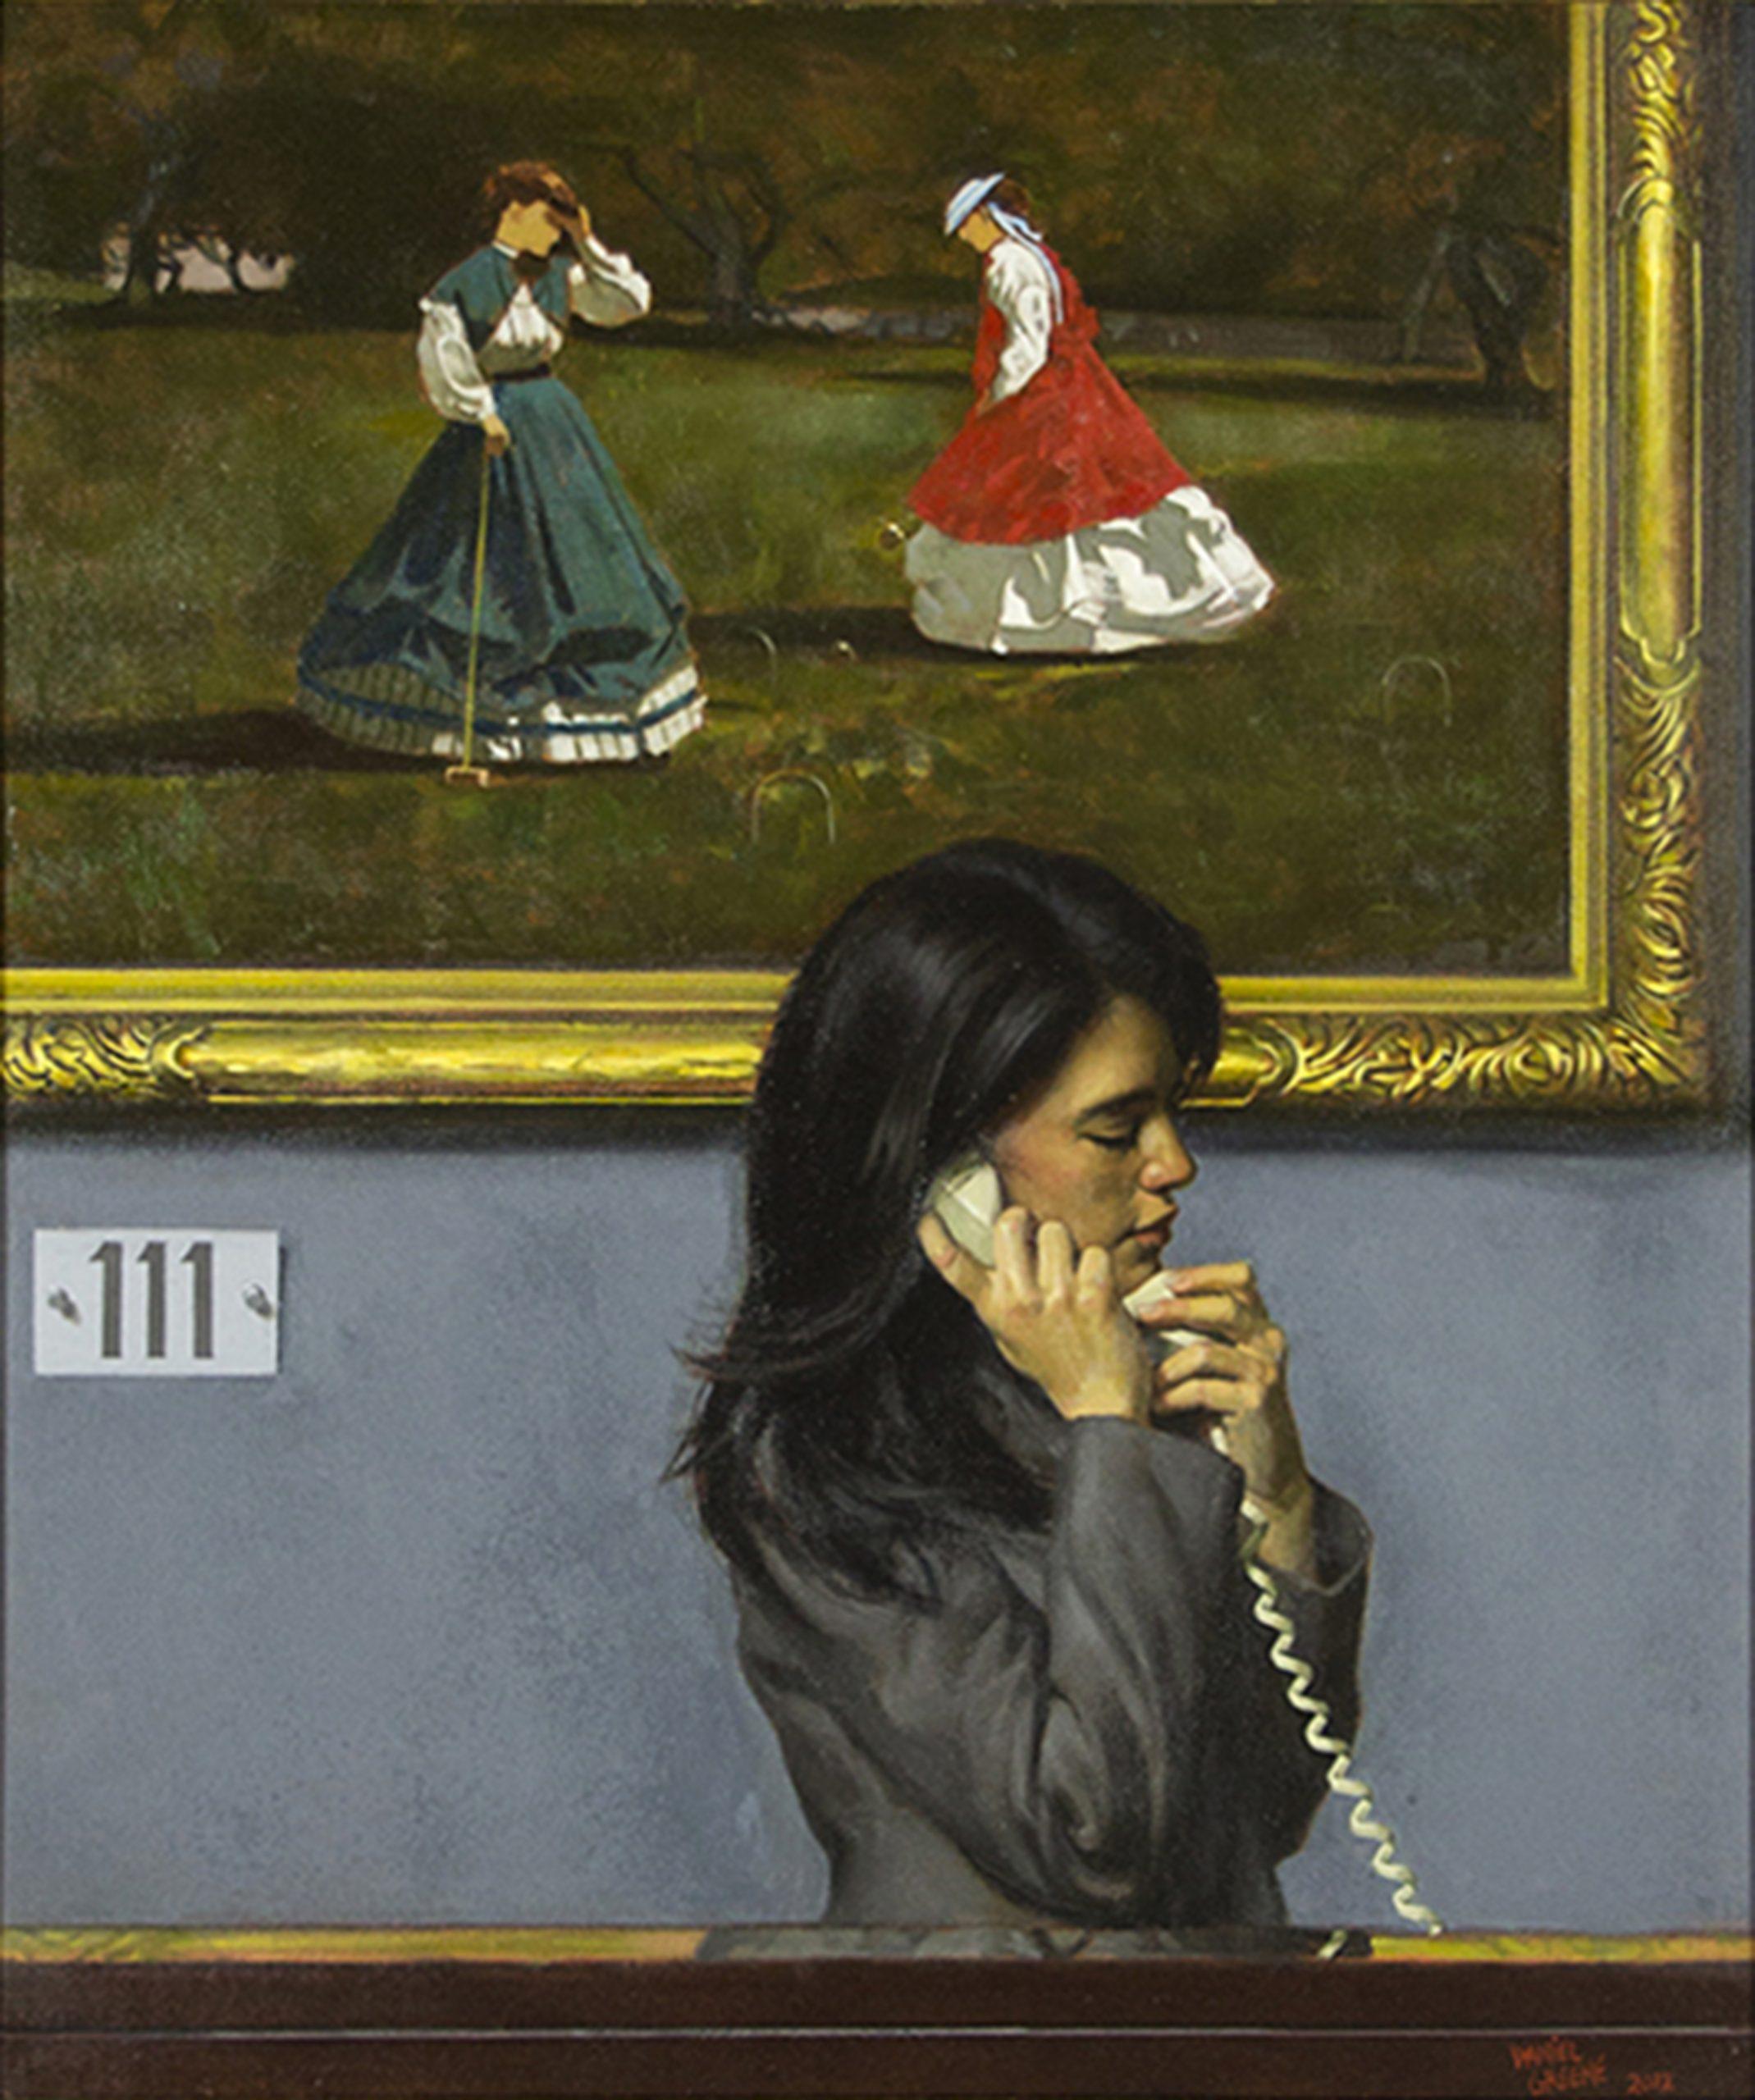 Lot 111 - Winslow Homer